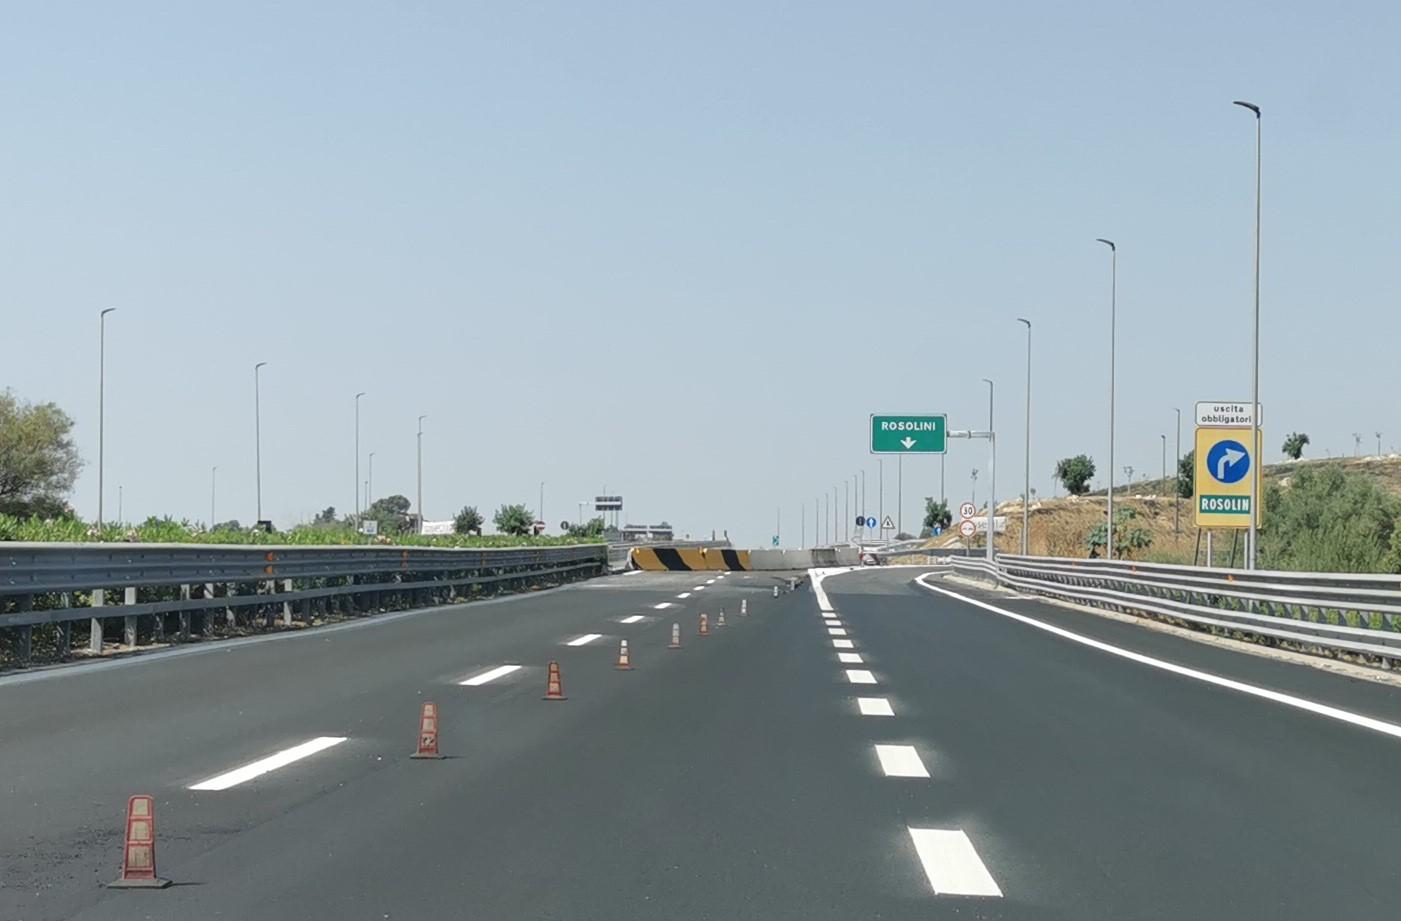 autostrada Rosolini Pozzallo